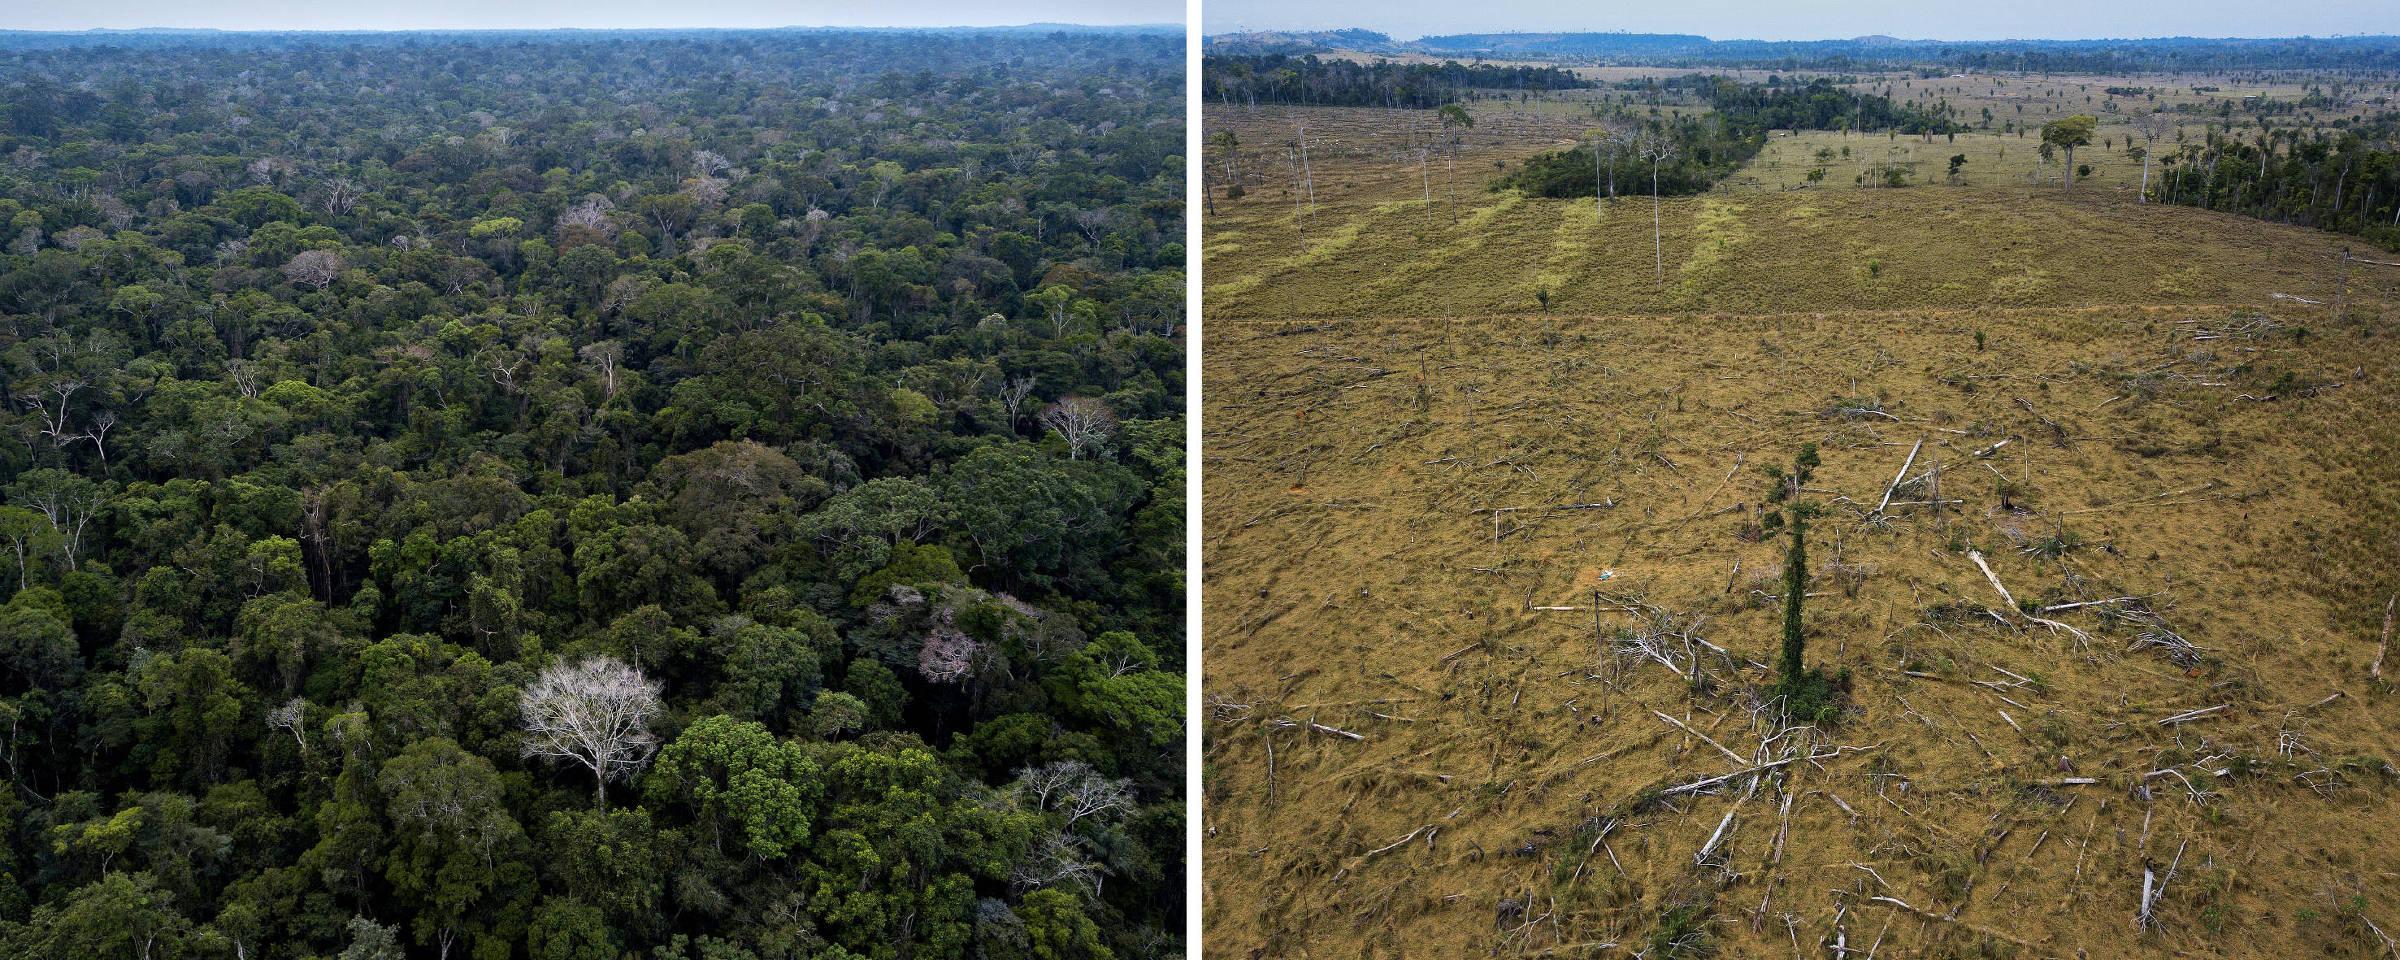 Montagem mostra região da Floresta Nacional Bom Futuro em Rondônia e área desmatada na APA do Rio Pardo